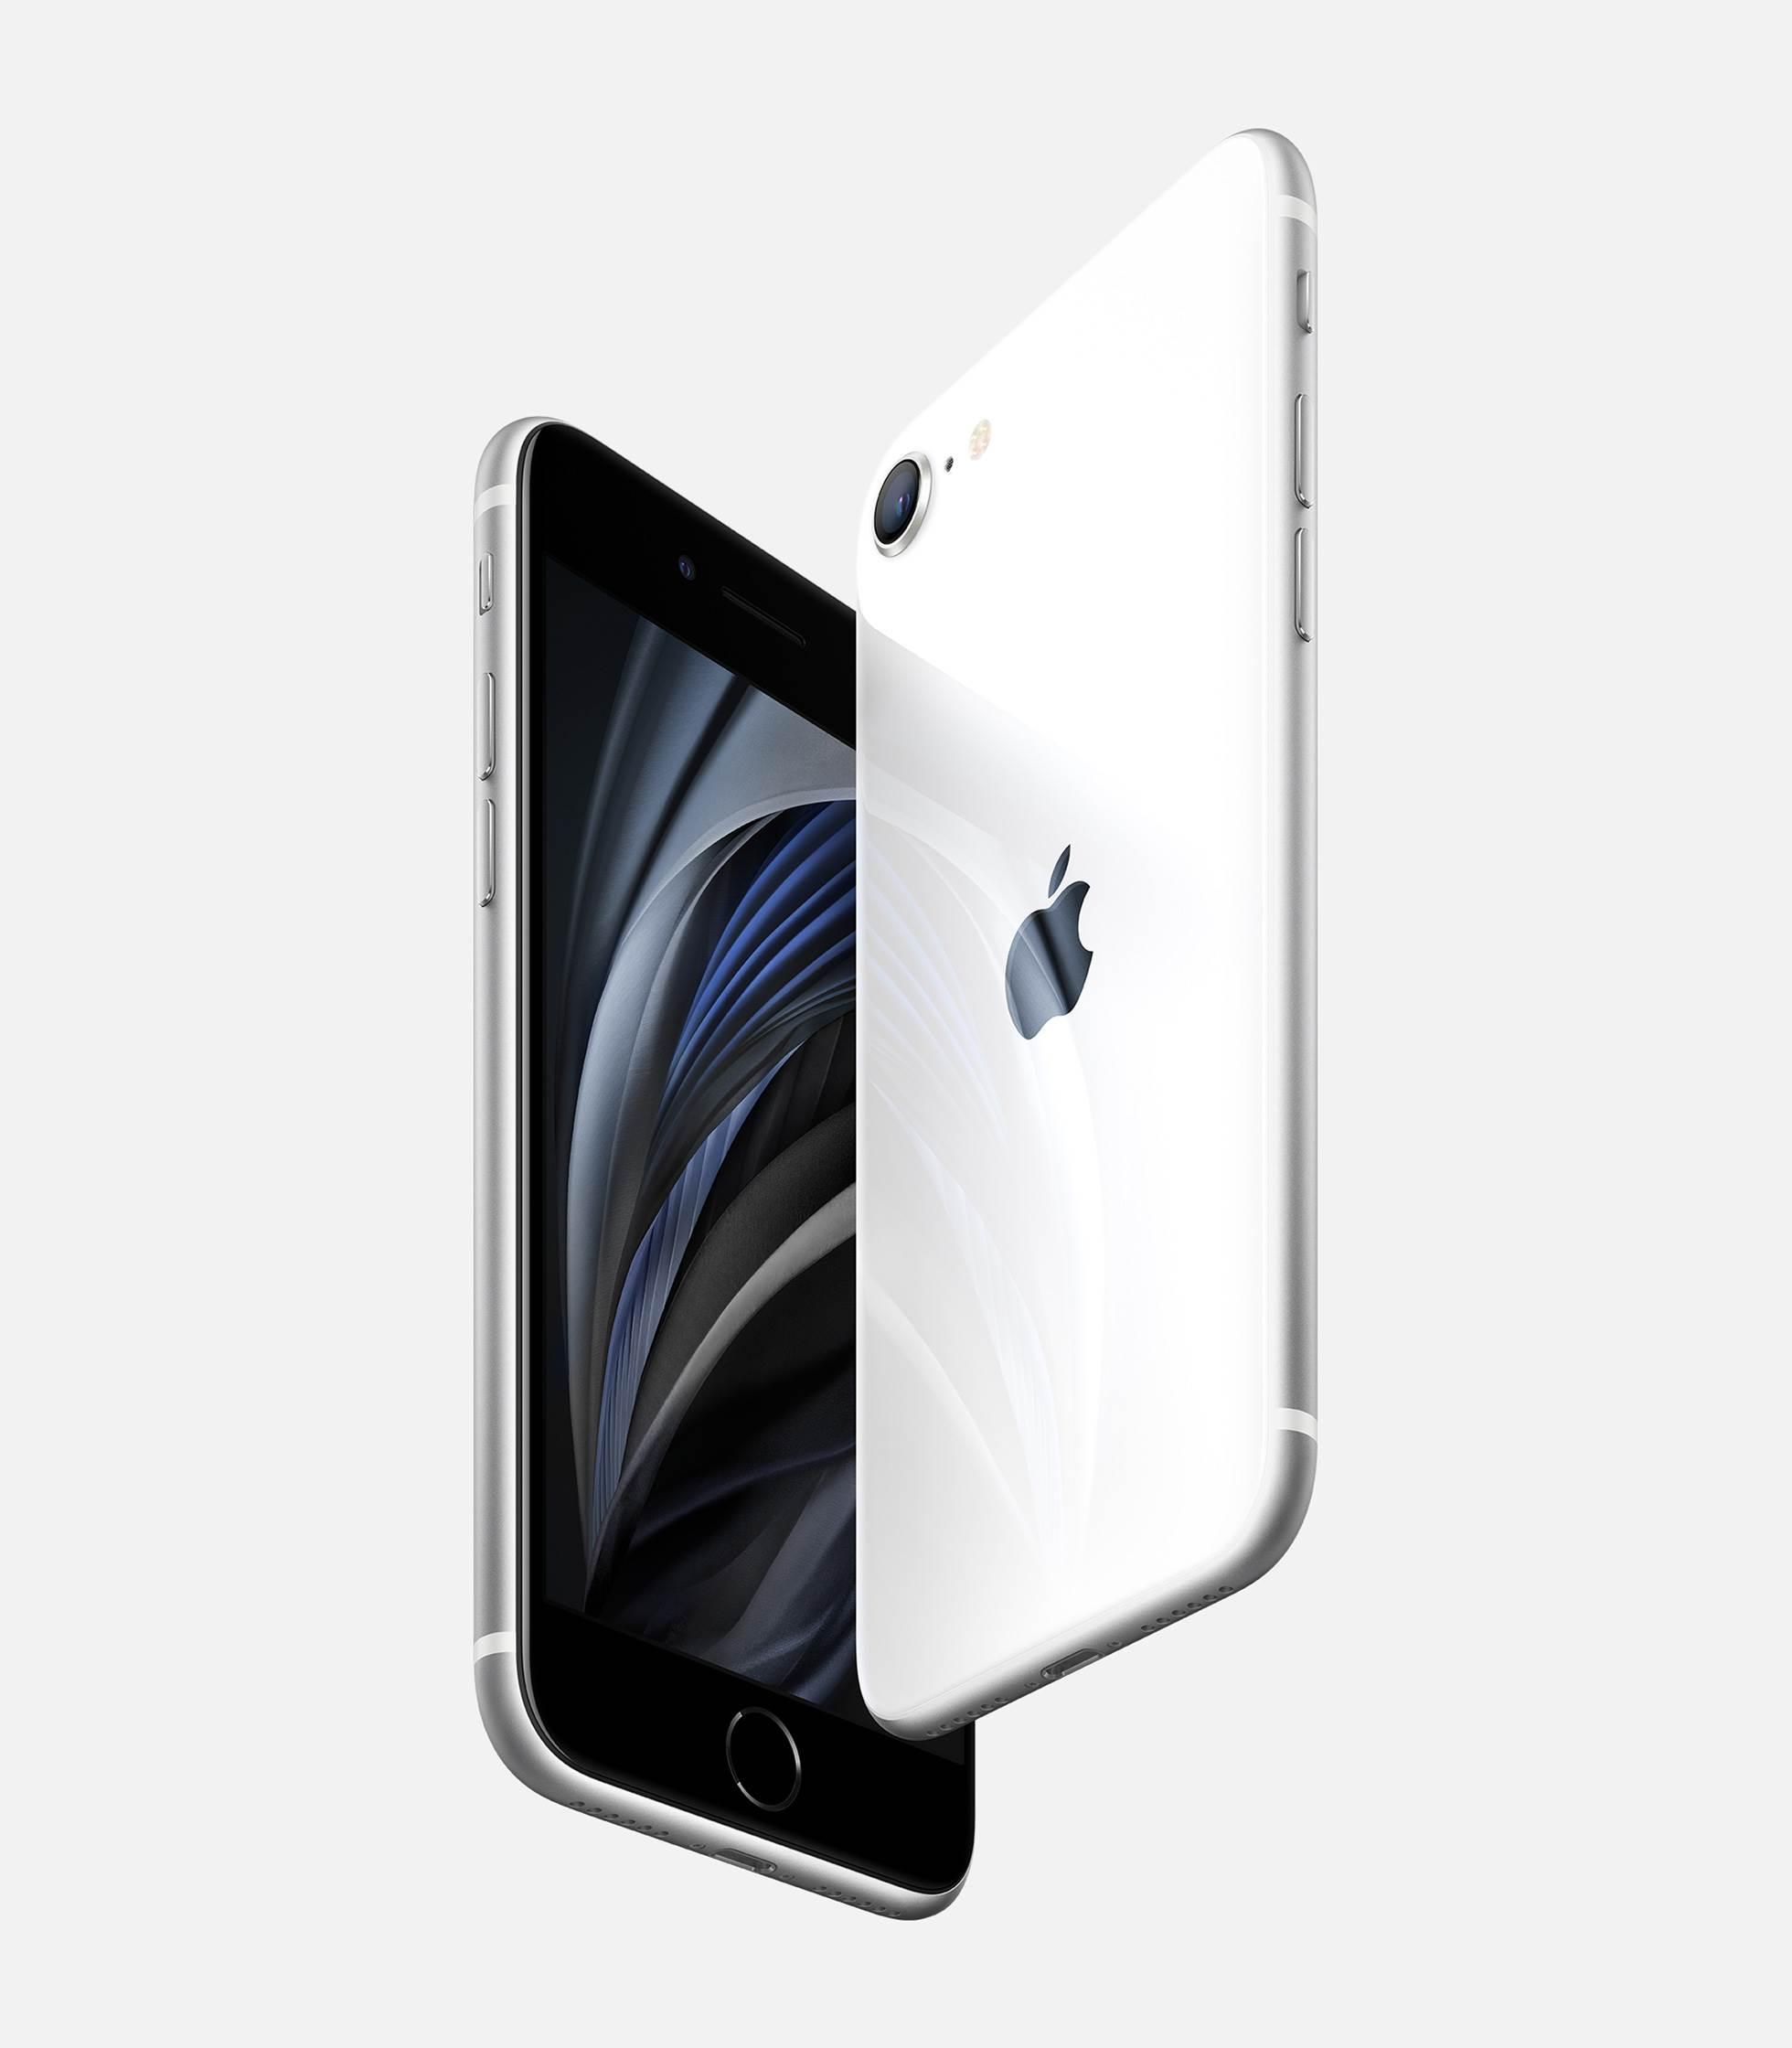 iPhone SE 2020 oficjalnie zaprezentowany polecane, ciekawostki Specyfikacja, ile kosztuje iPhone SE 2020, cena w polsce, Apple  Stało się. Właśnie gigant z Cupertino oficjalnie zaprezentował i wprowadził do swojej oferty nowego iPhone'a SE 2020 z 4,7-calowym ekranem. Apple new iphone se white 04152020 big.jpg.large 2x